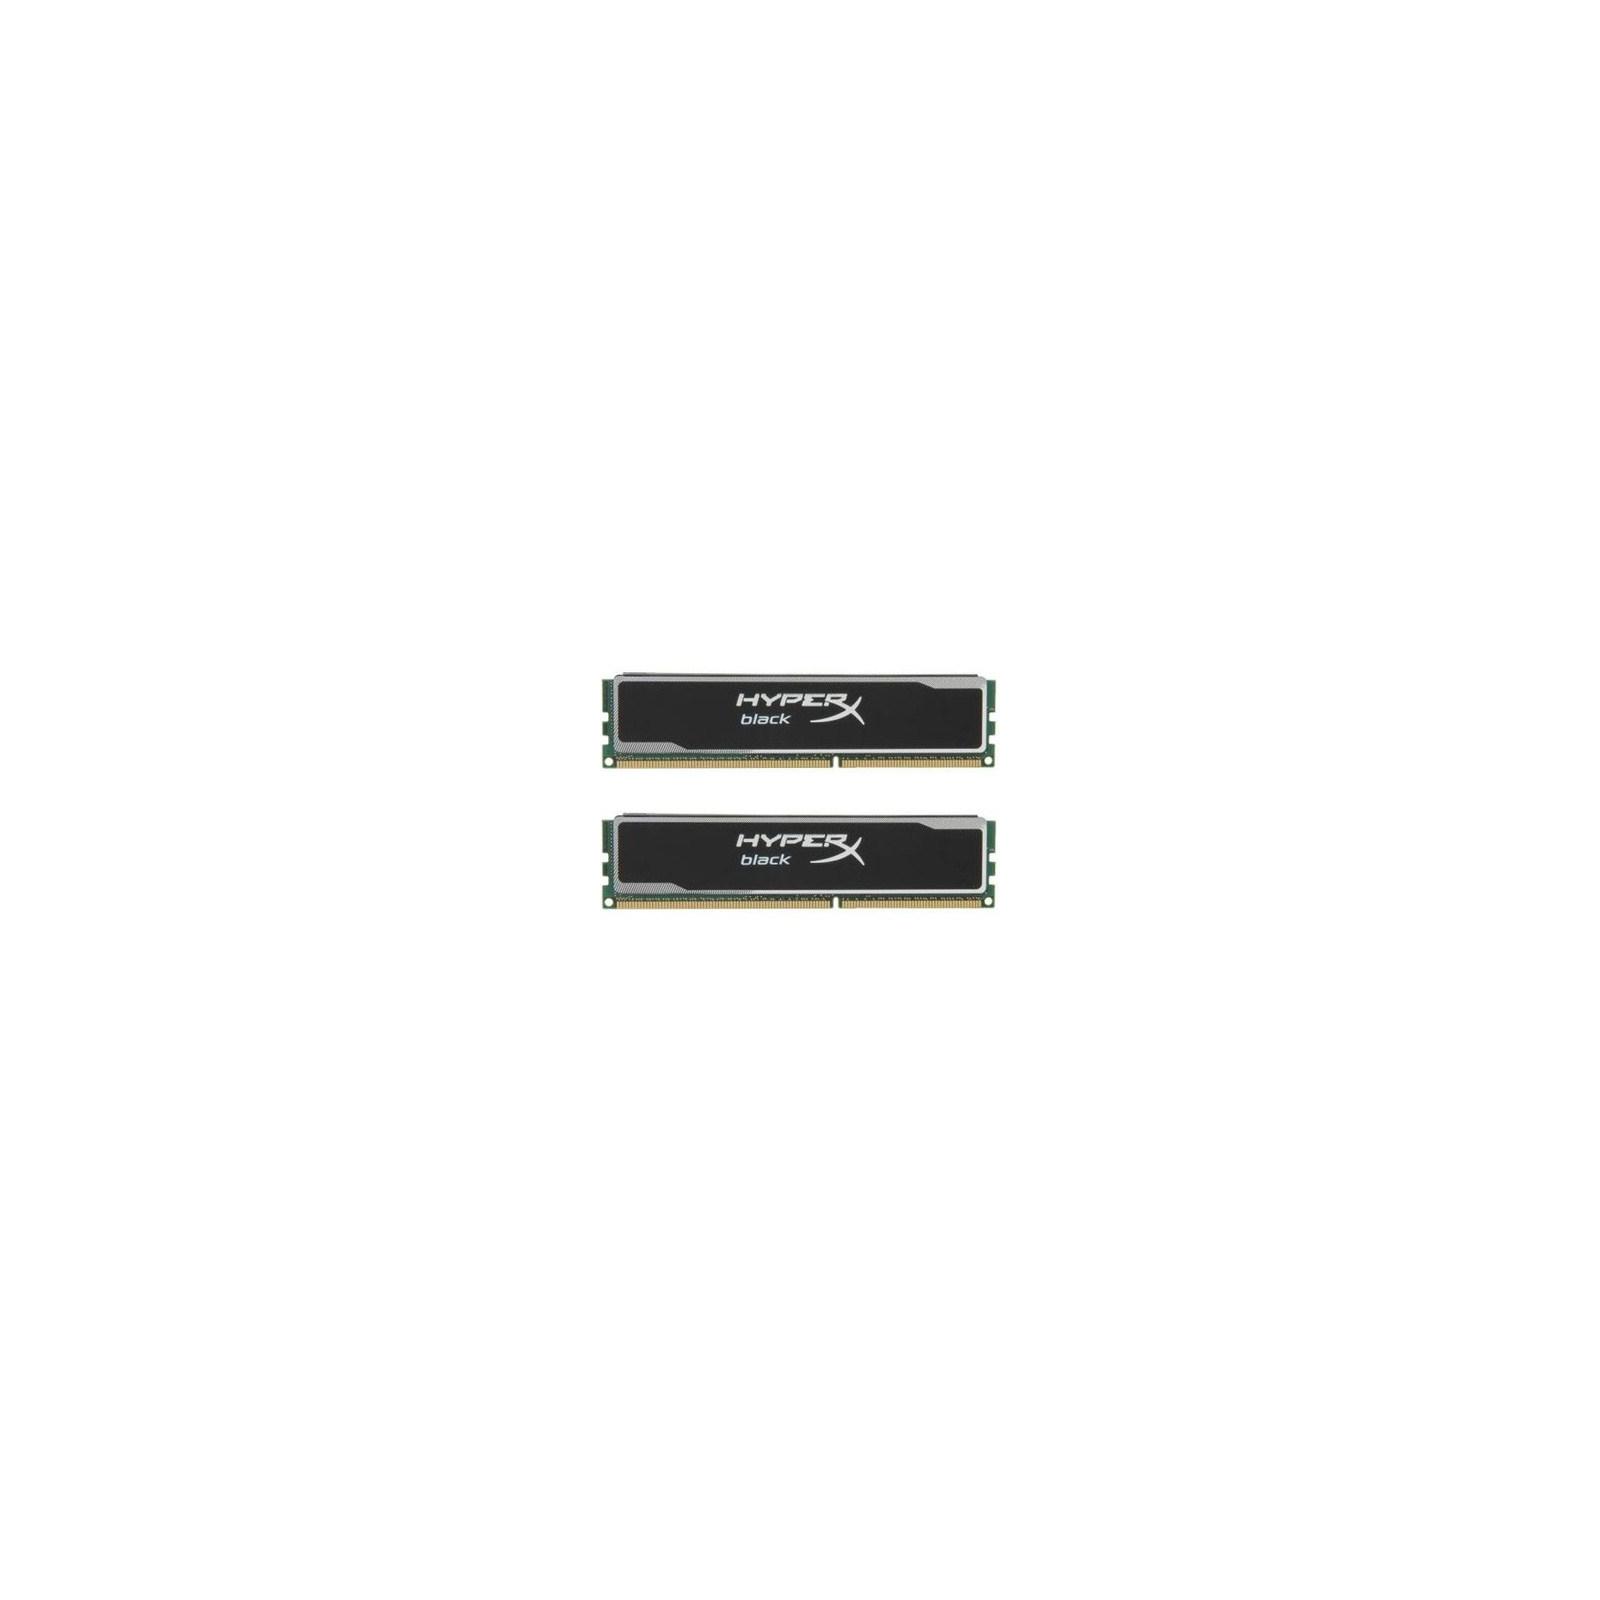 Модуль памяти для компьютера DDR3 8GB (2x4GB) 1600 MHz Kingston (KHX16C9B1BK2/8X / KHX16C9B1BK2/8)